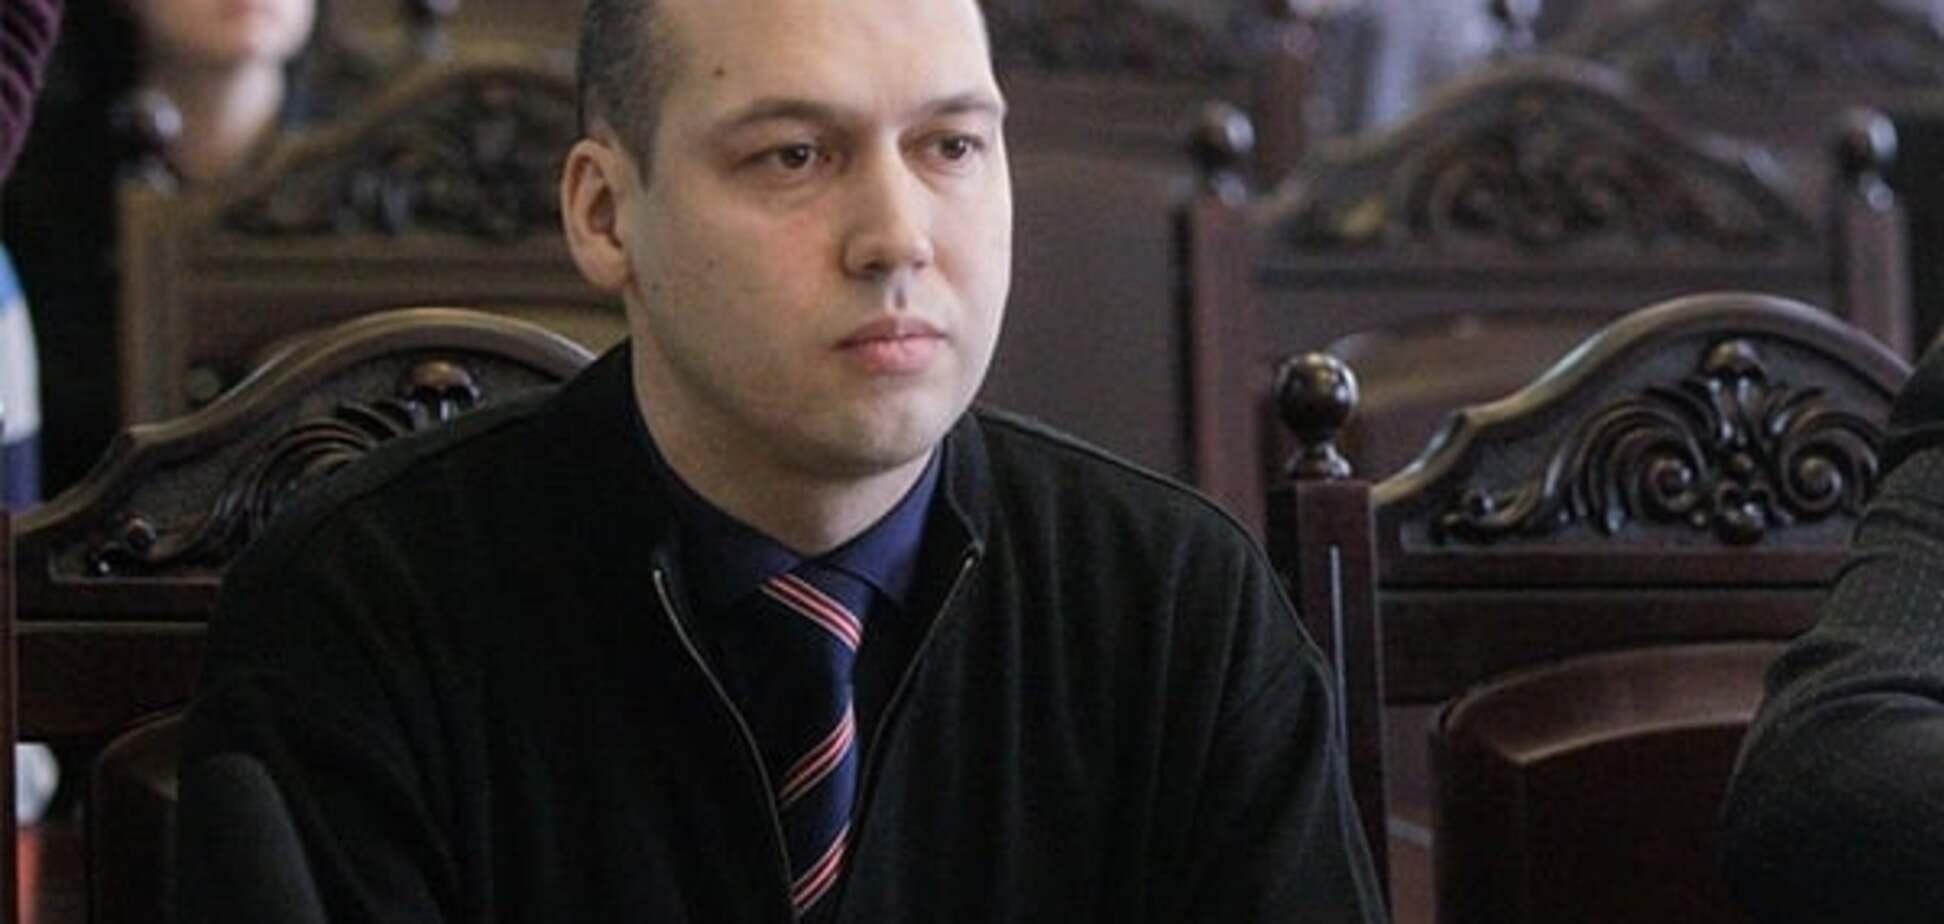 Суддю, який виніс вирок Луценку, відсторонили від роботи - ЗМІ